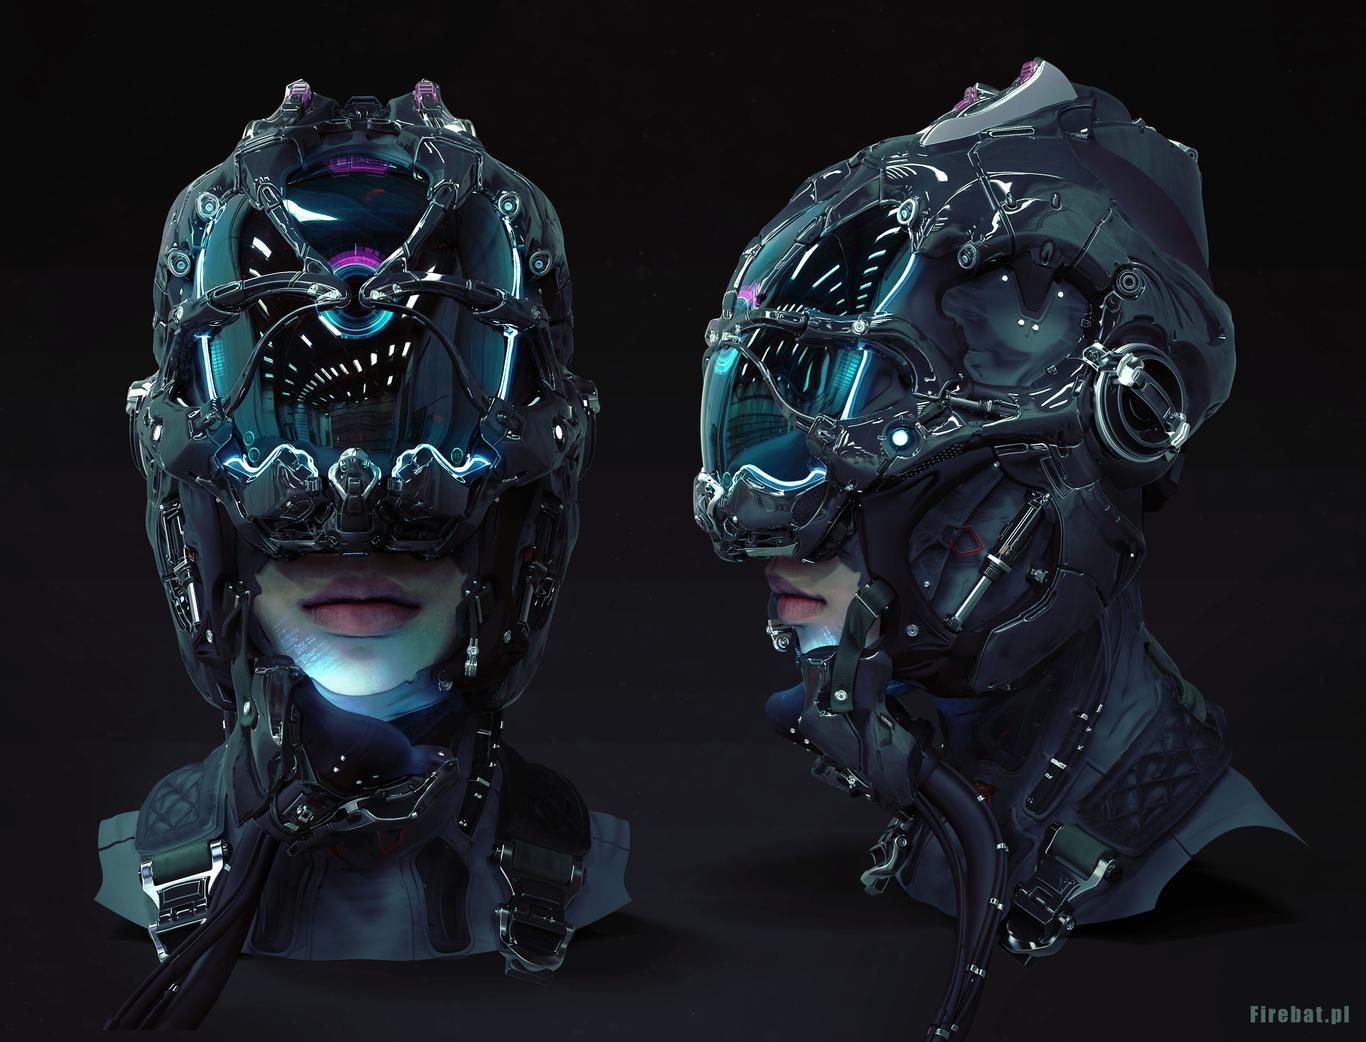 Firebatfx sci fi pilot 1 e3aac811 0s5x